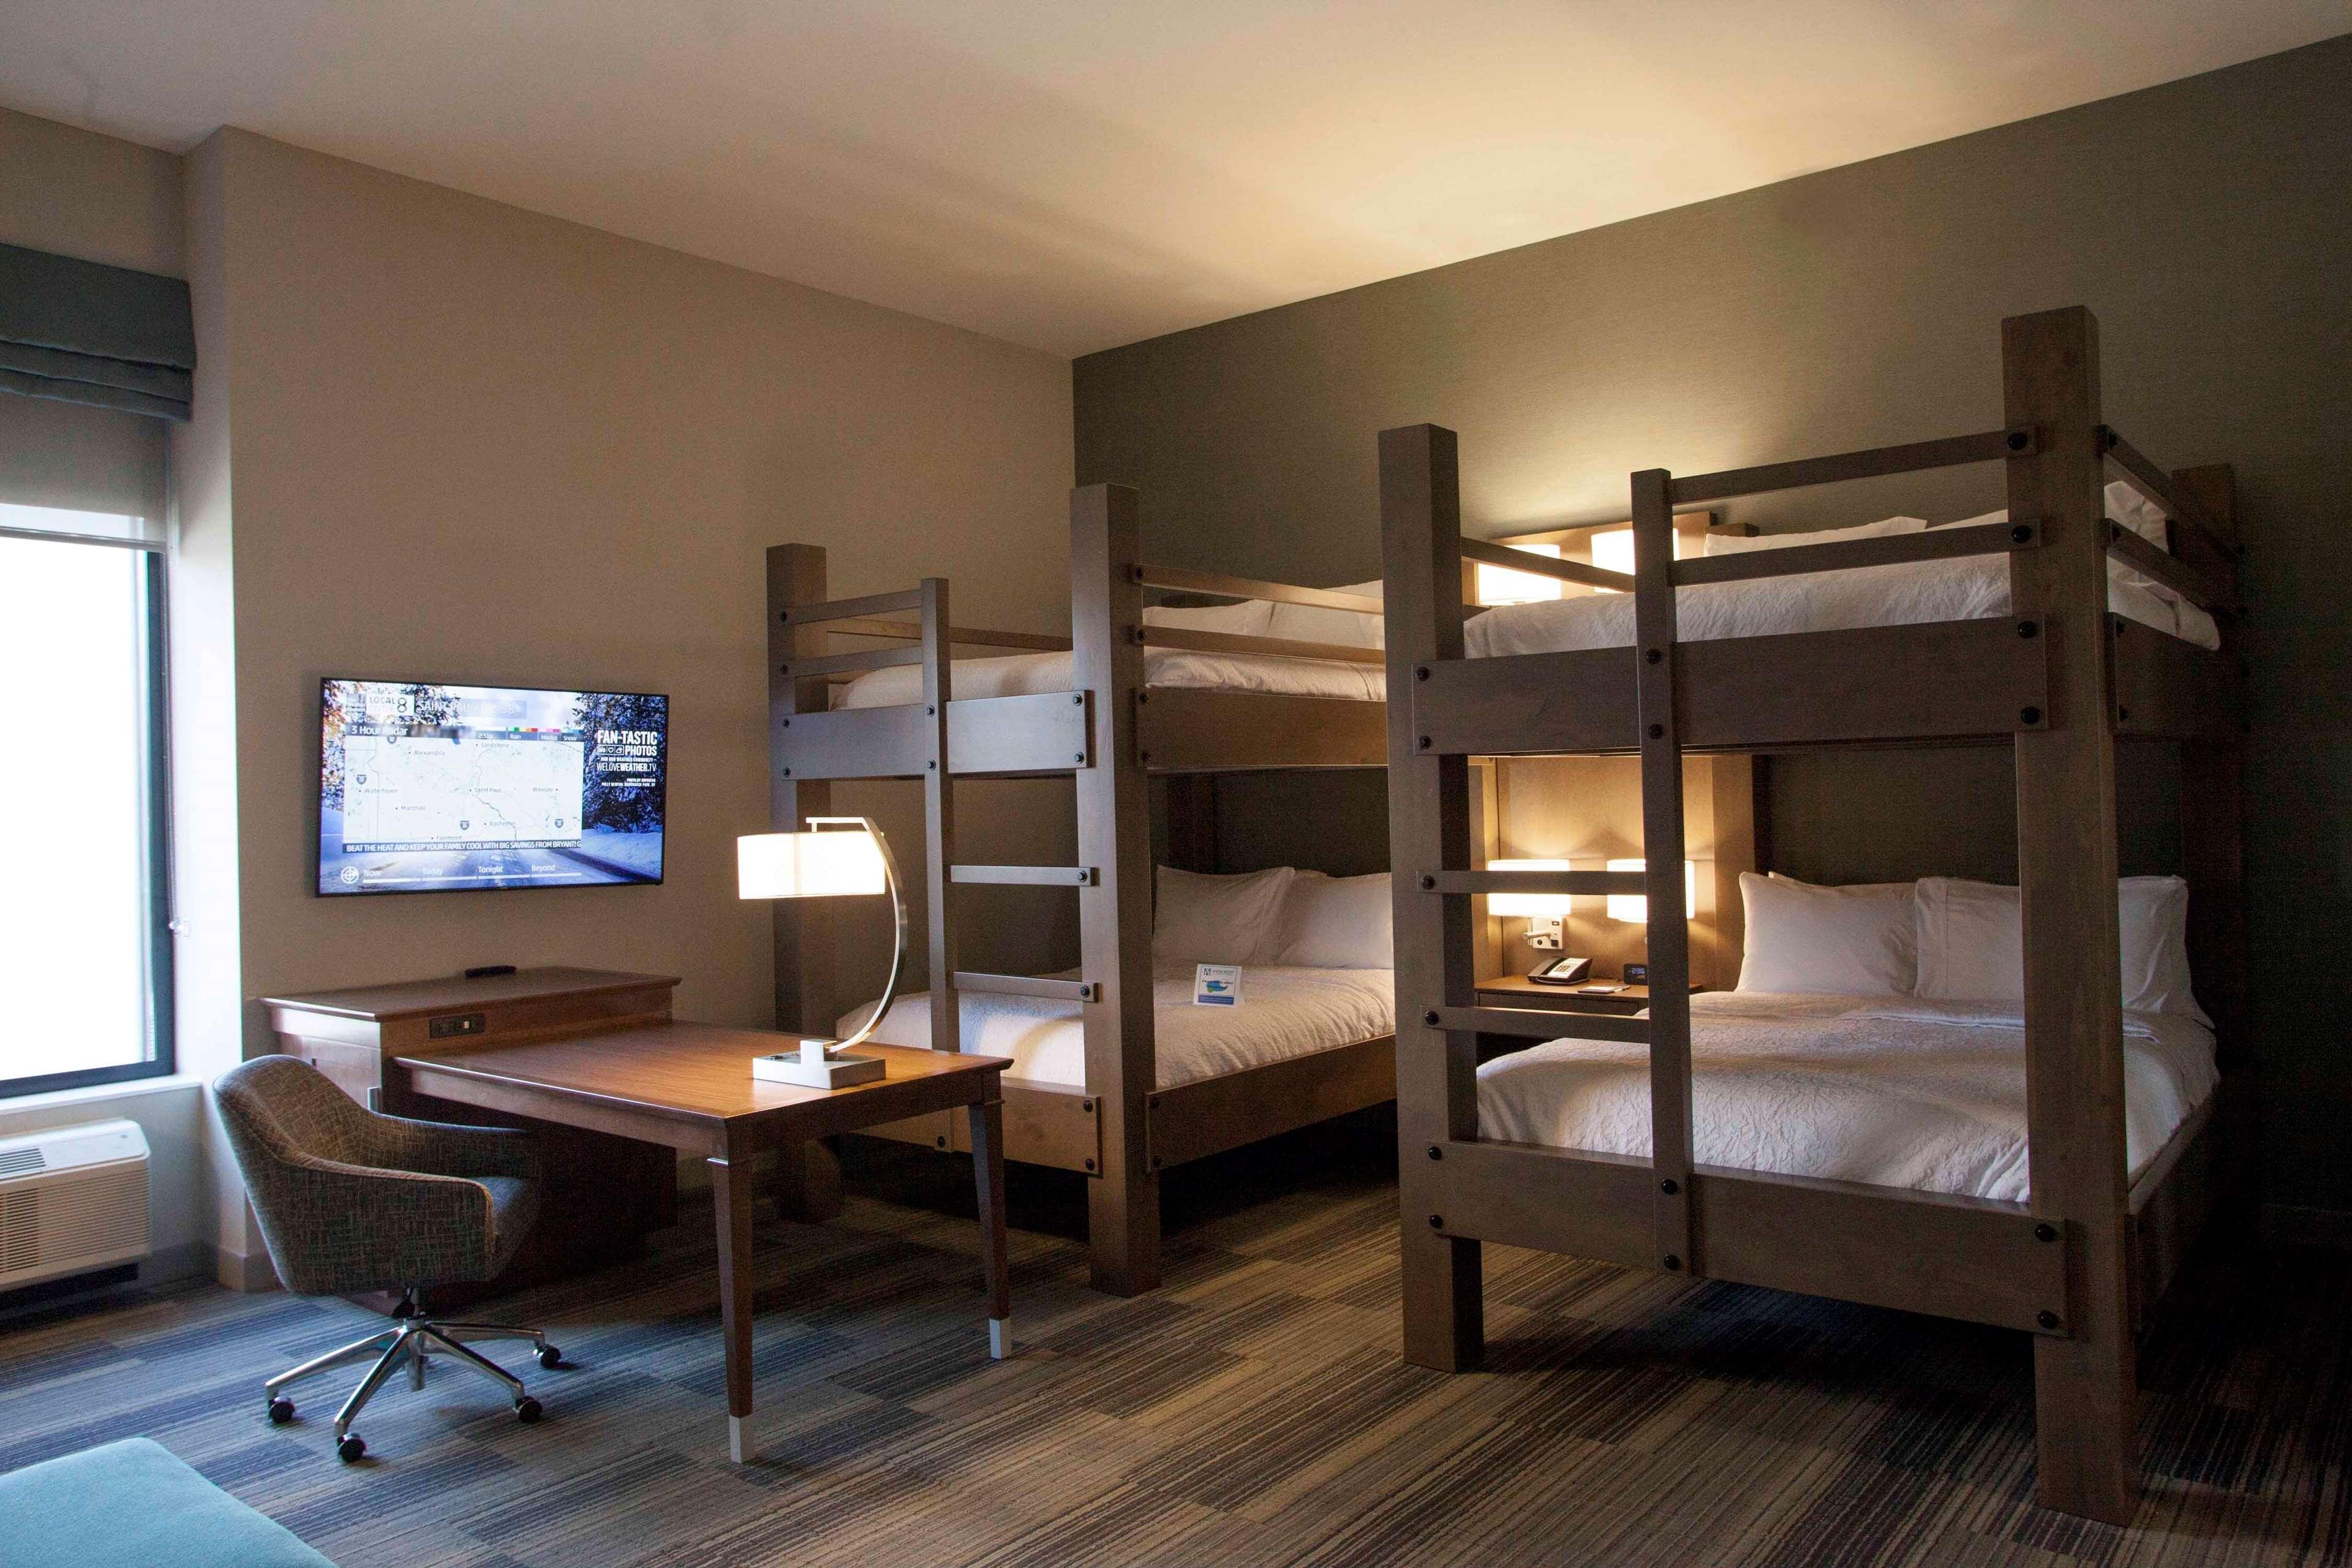 Hampton Inn & Suites Downtown St. Paul image 22